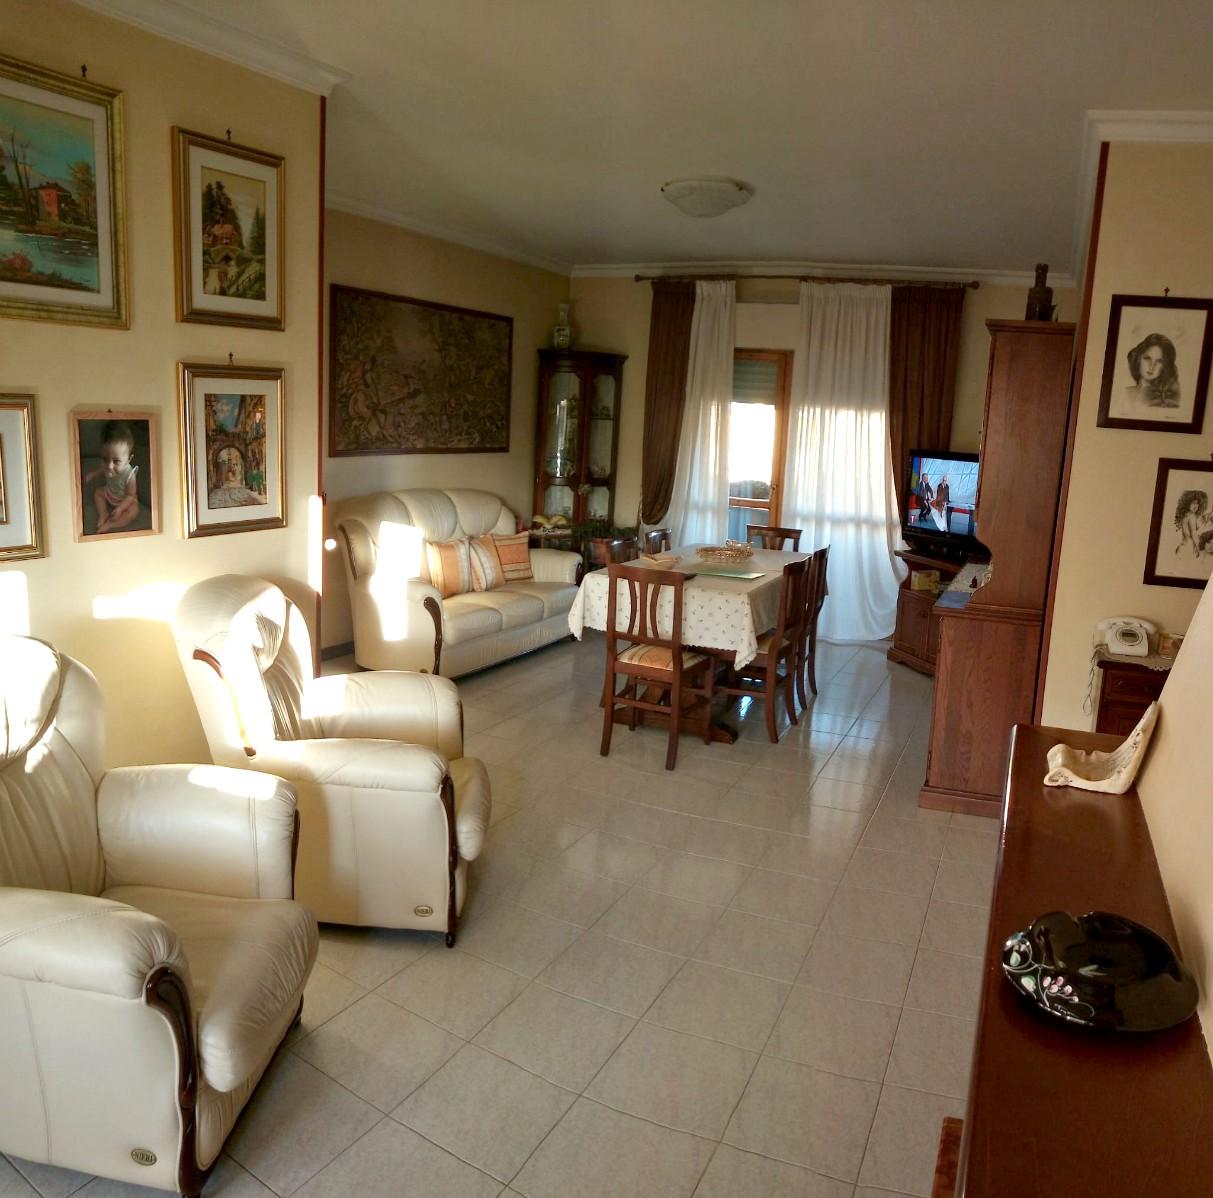 Rieti-Campoloniano:Appartamento 3 camere (Rif.2115)